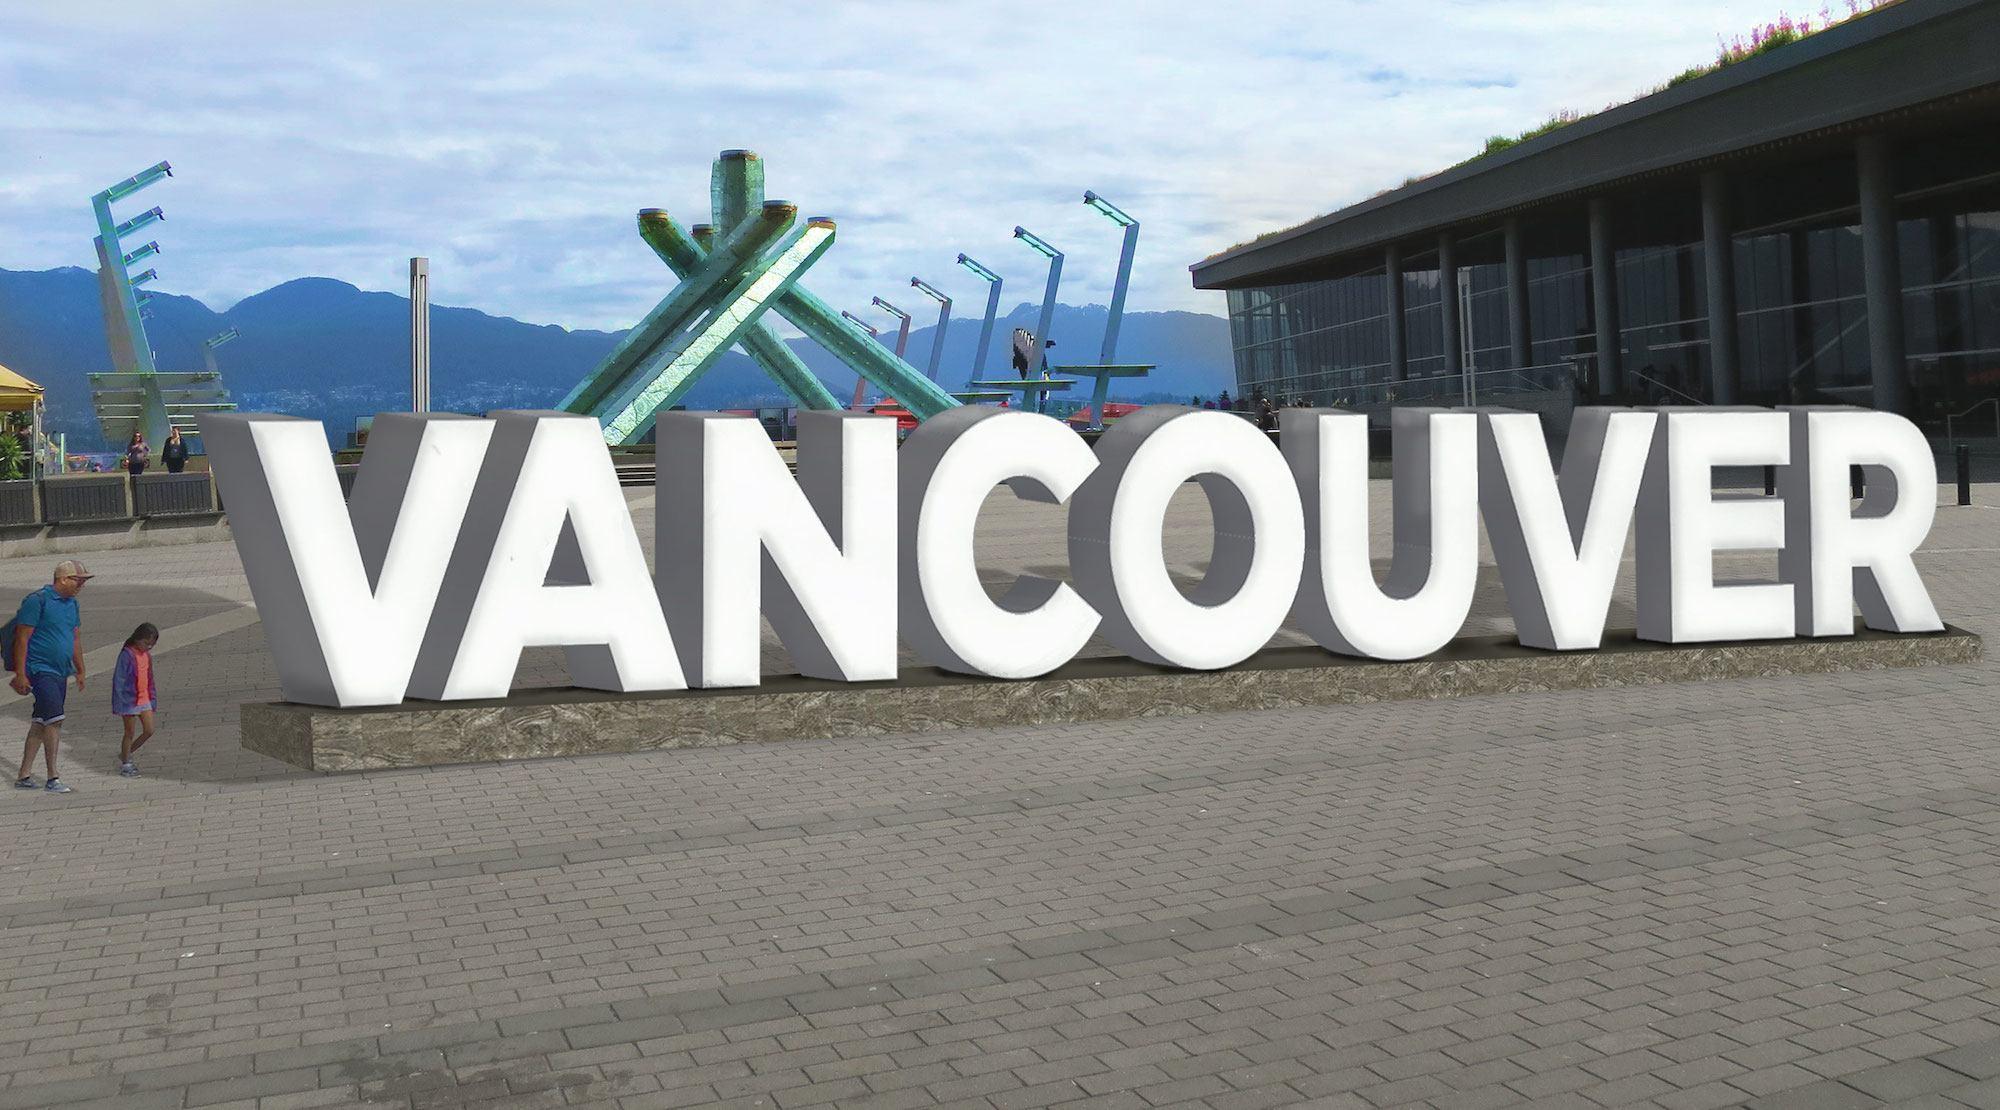 Vancouver letter photo web